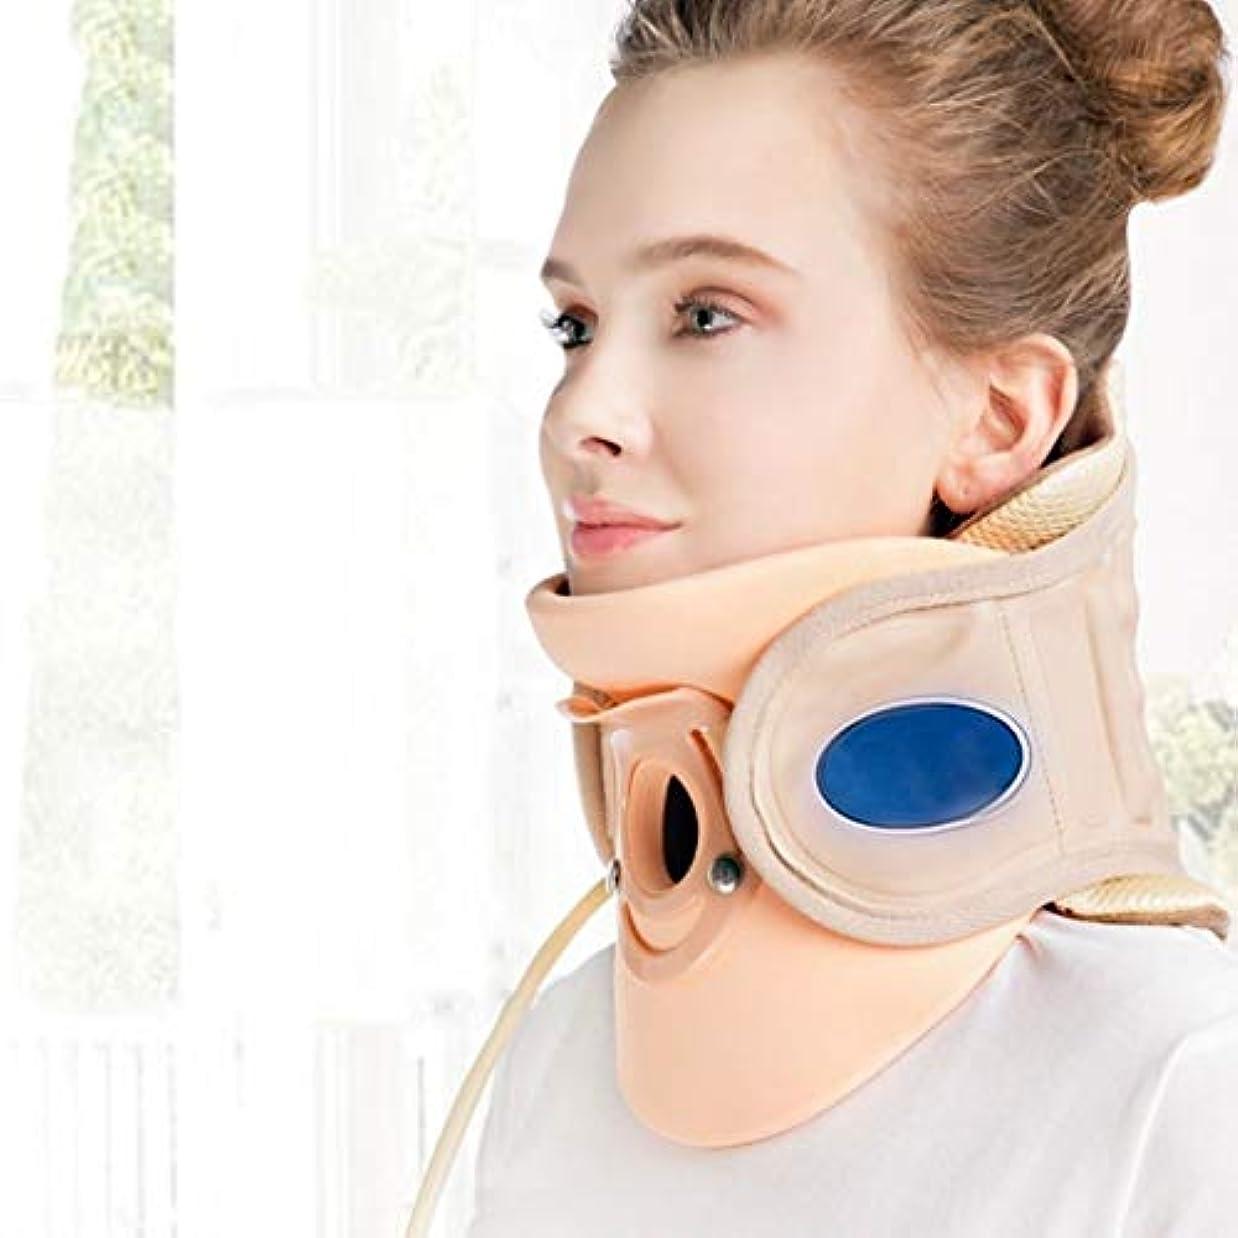 頸椎牽引装置 頸椎牽引装置ホームストレッチインフレータブル頸椎矯正首サポート固定首ベルト牽引装置成人軽量 (Color : Yellow, Size : 22*18.5*17cm)